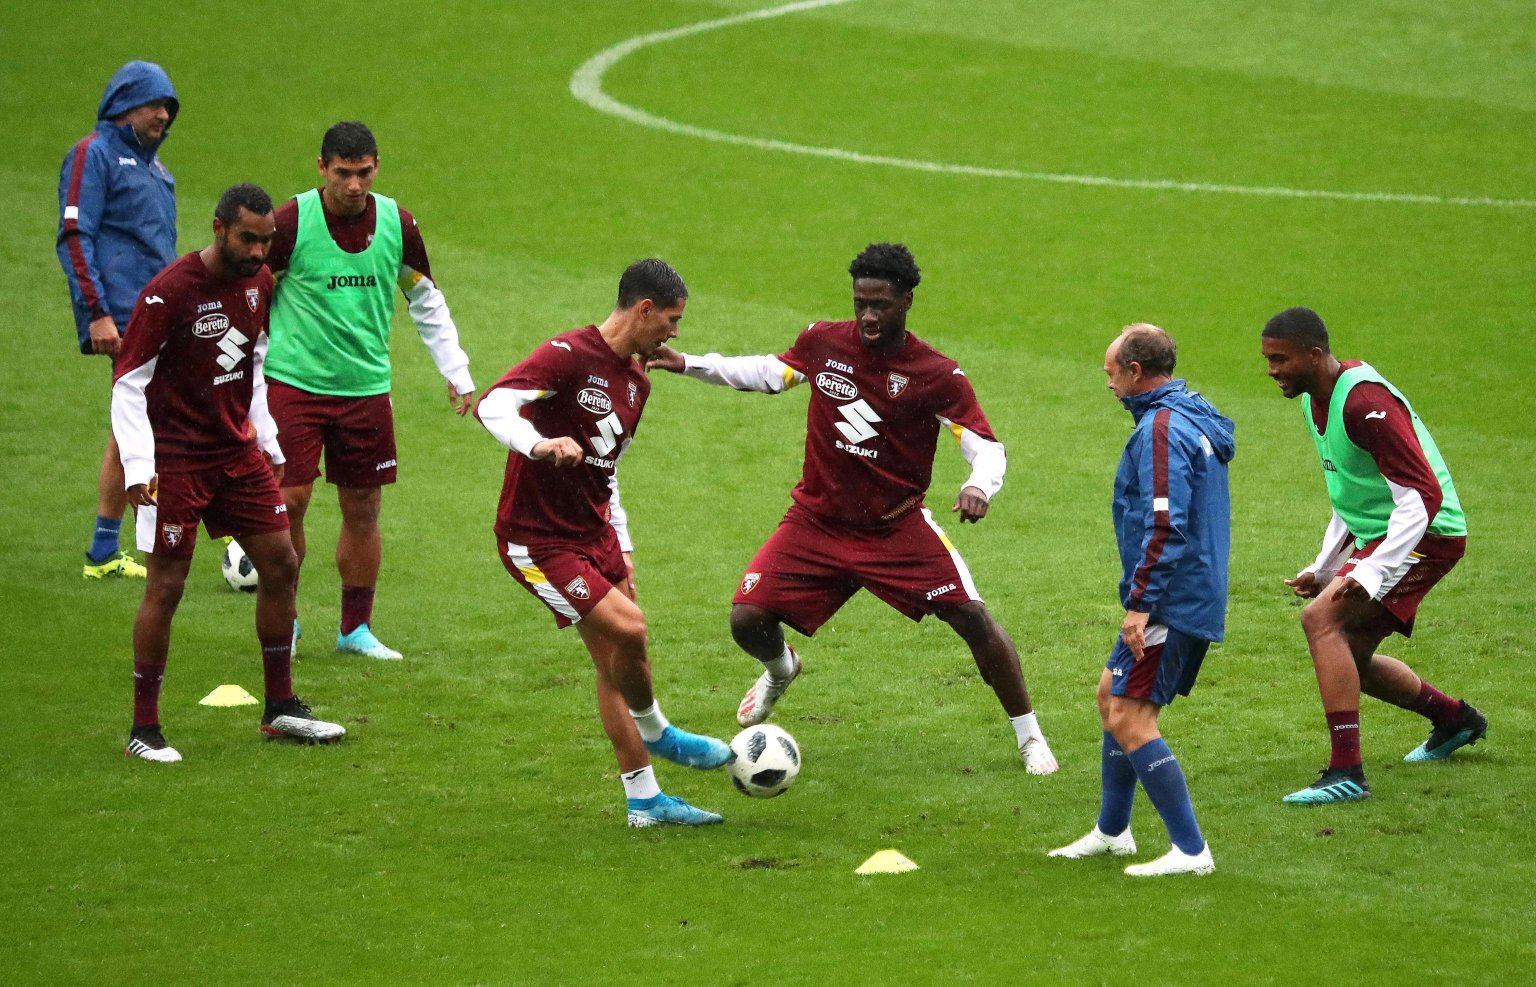 Europa League, Preliminare Ritorno - Shakhtyor Soligorsk vs Torino (diretta Sky Sport Uno)